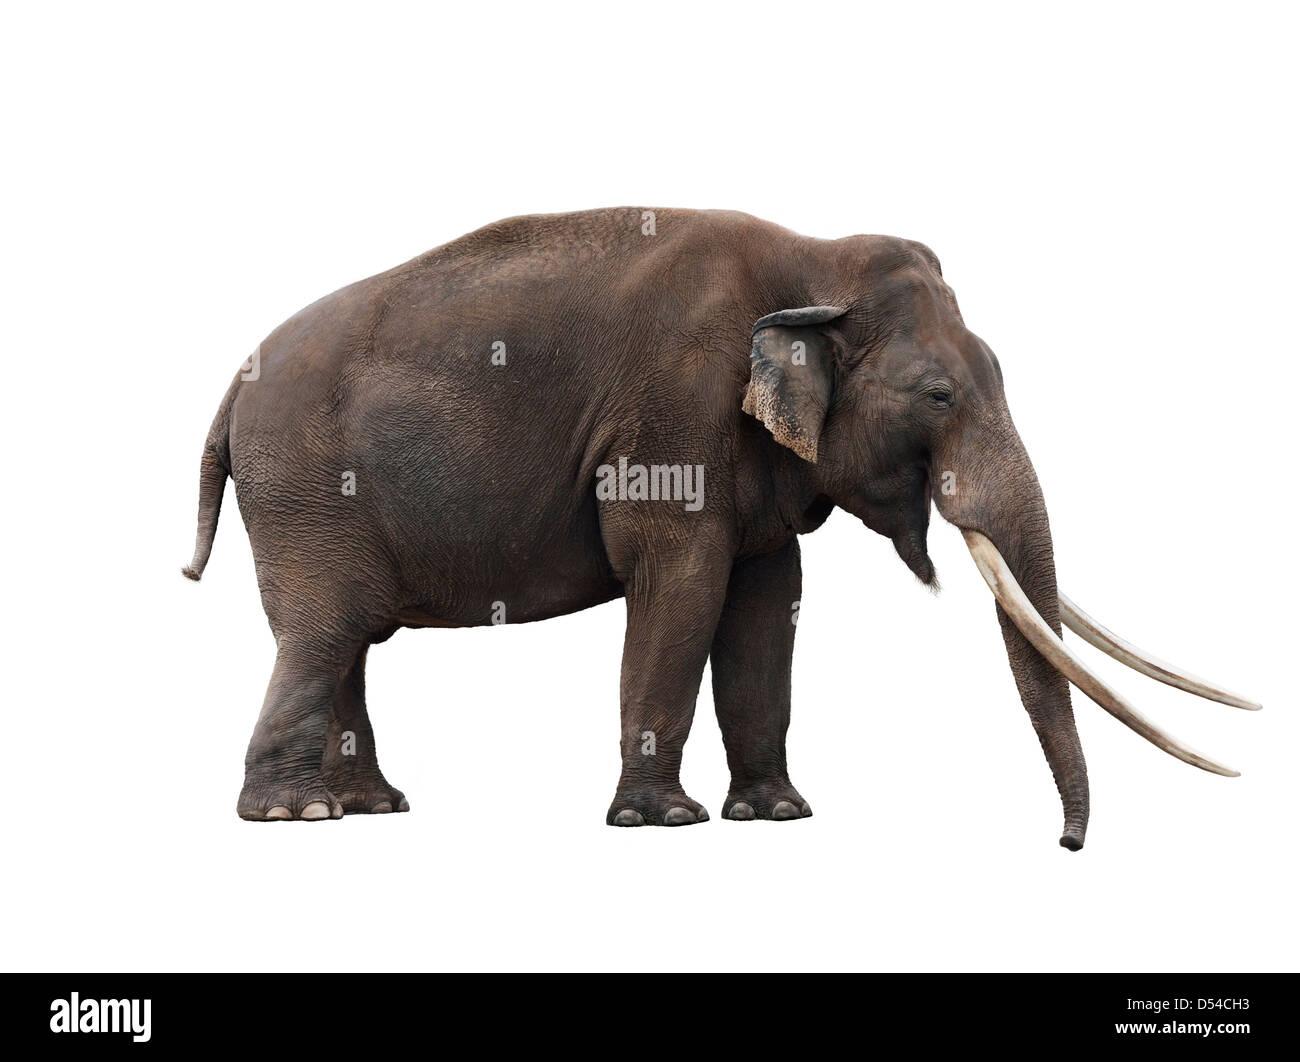 African Elephant On White Background - Stock Image